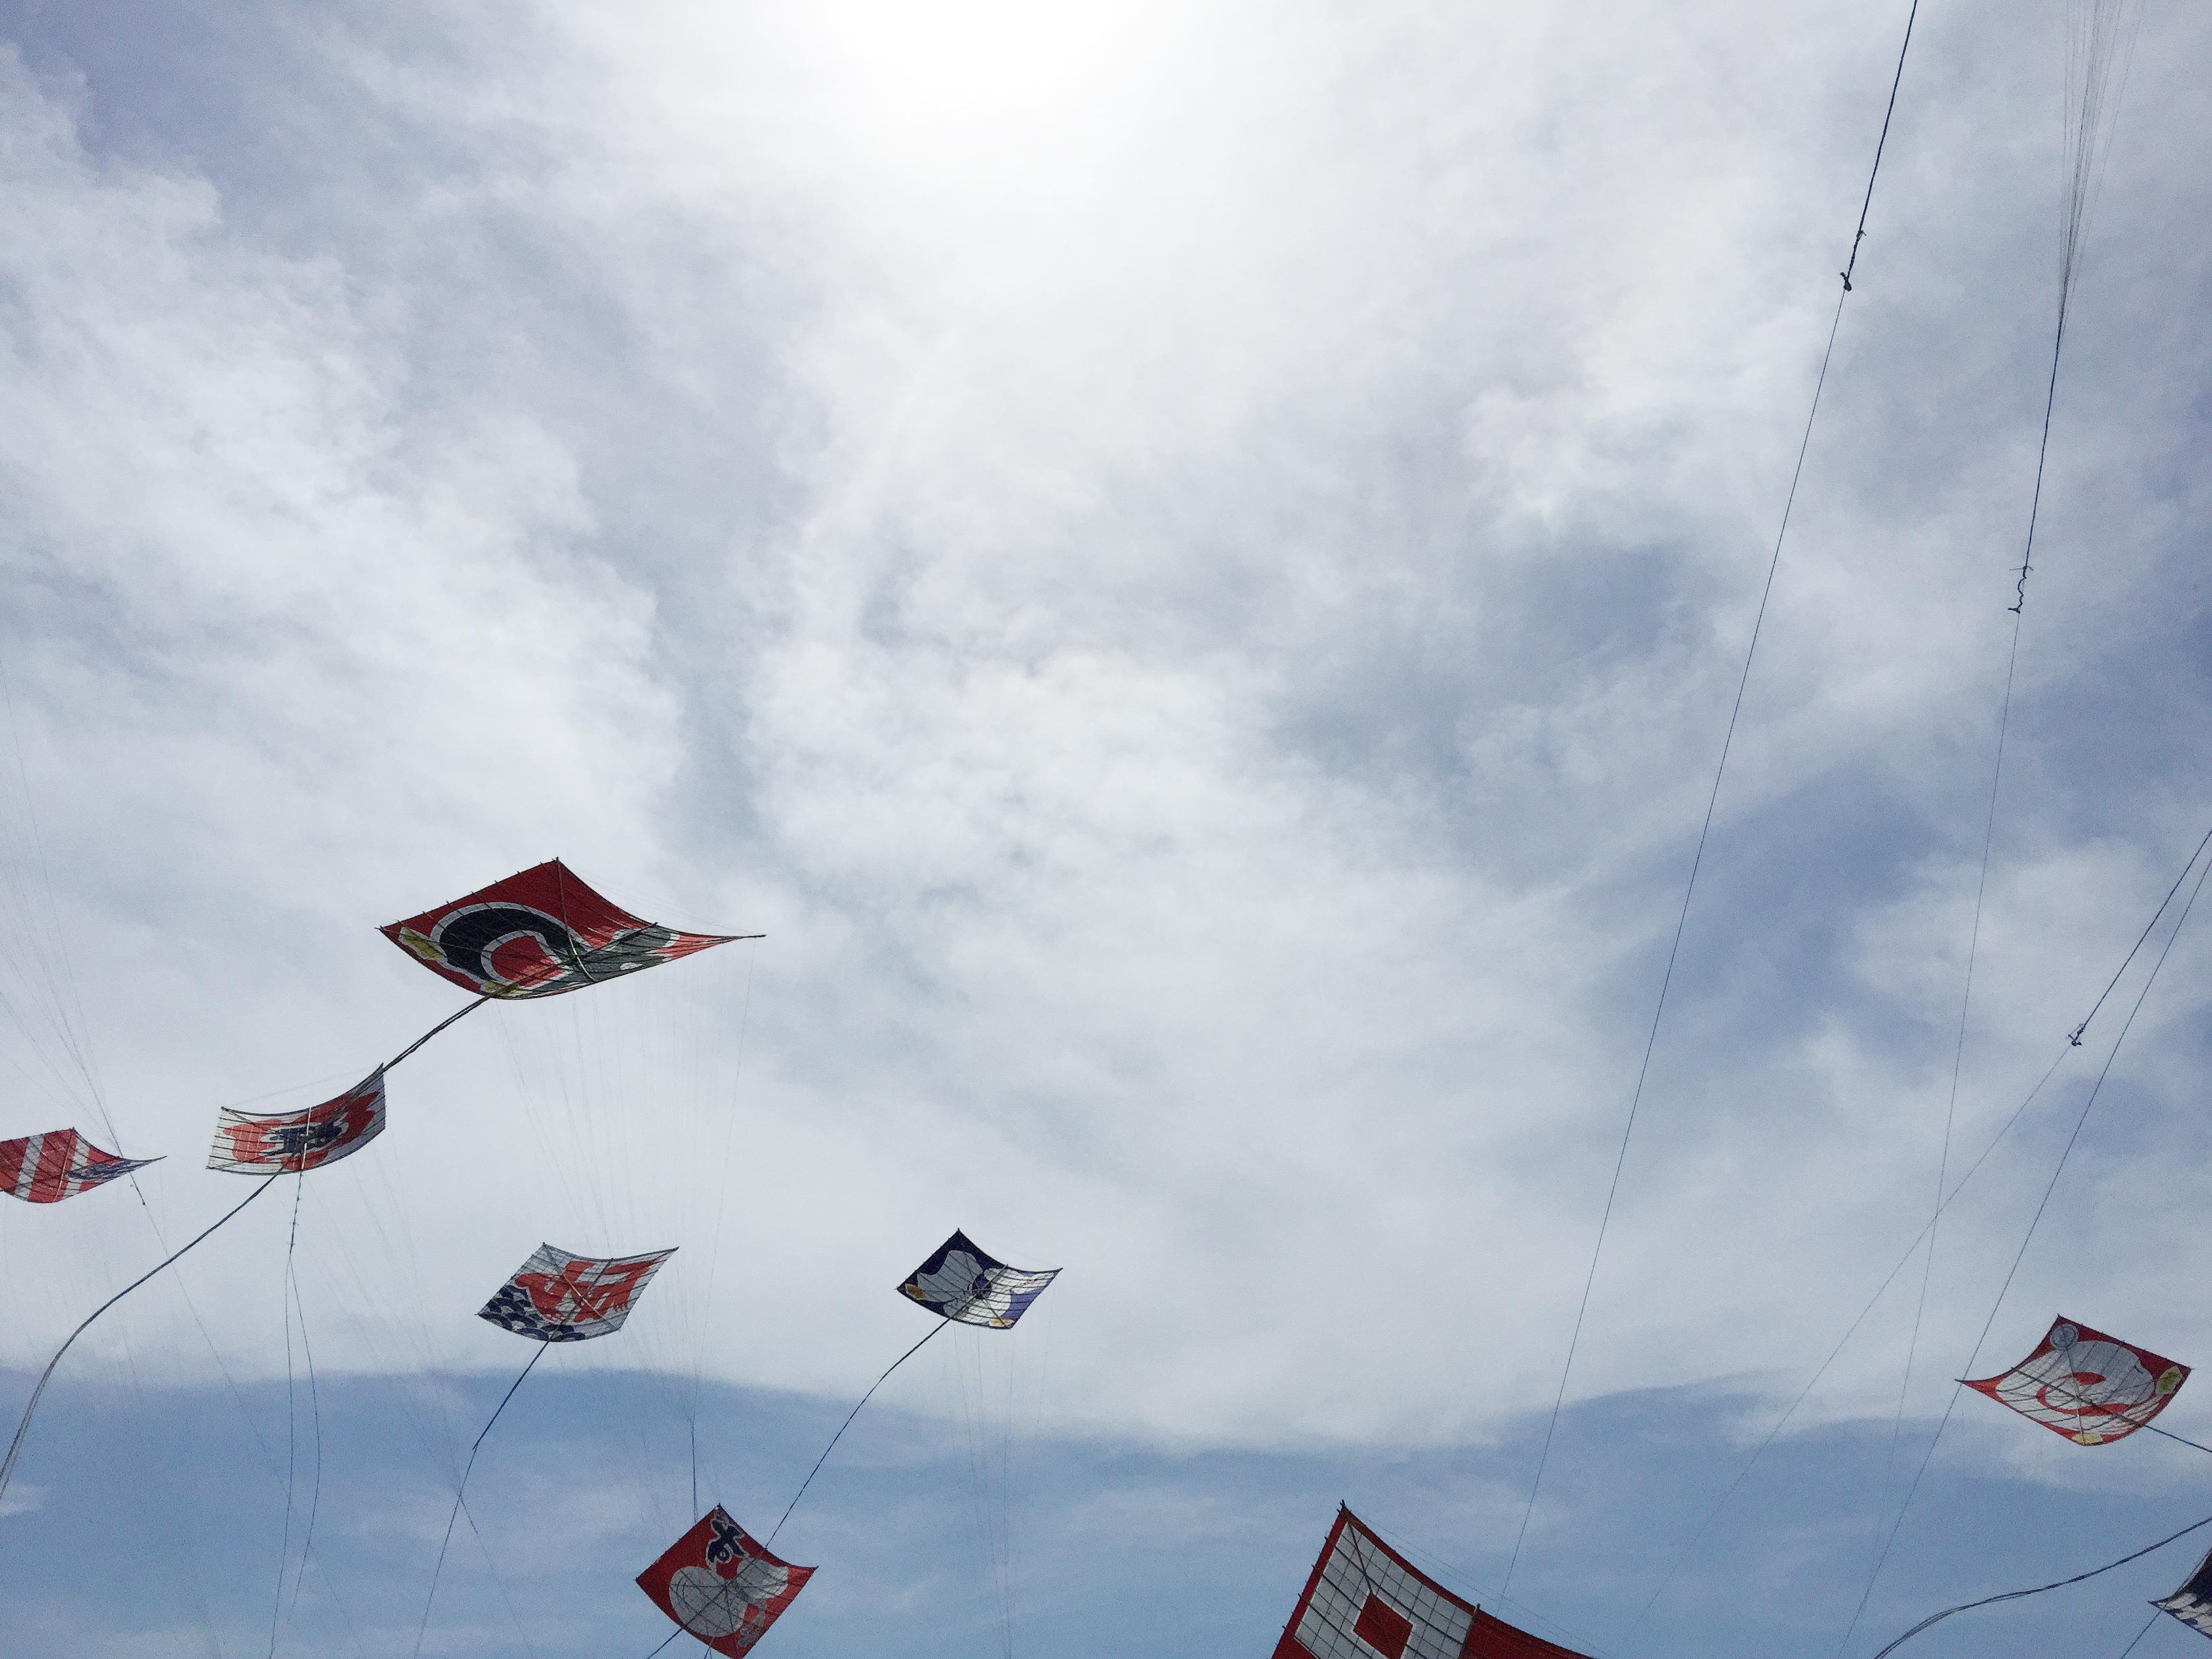 凧場での開会式直後の様子